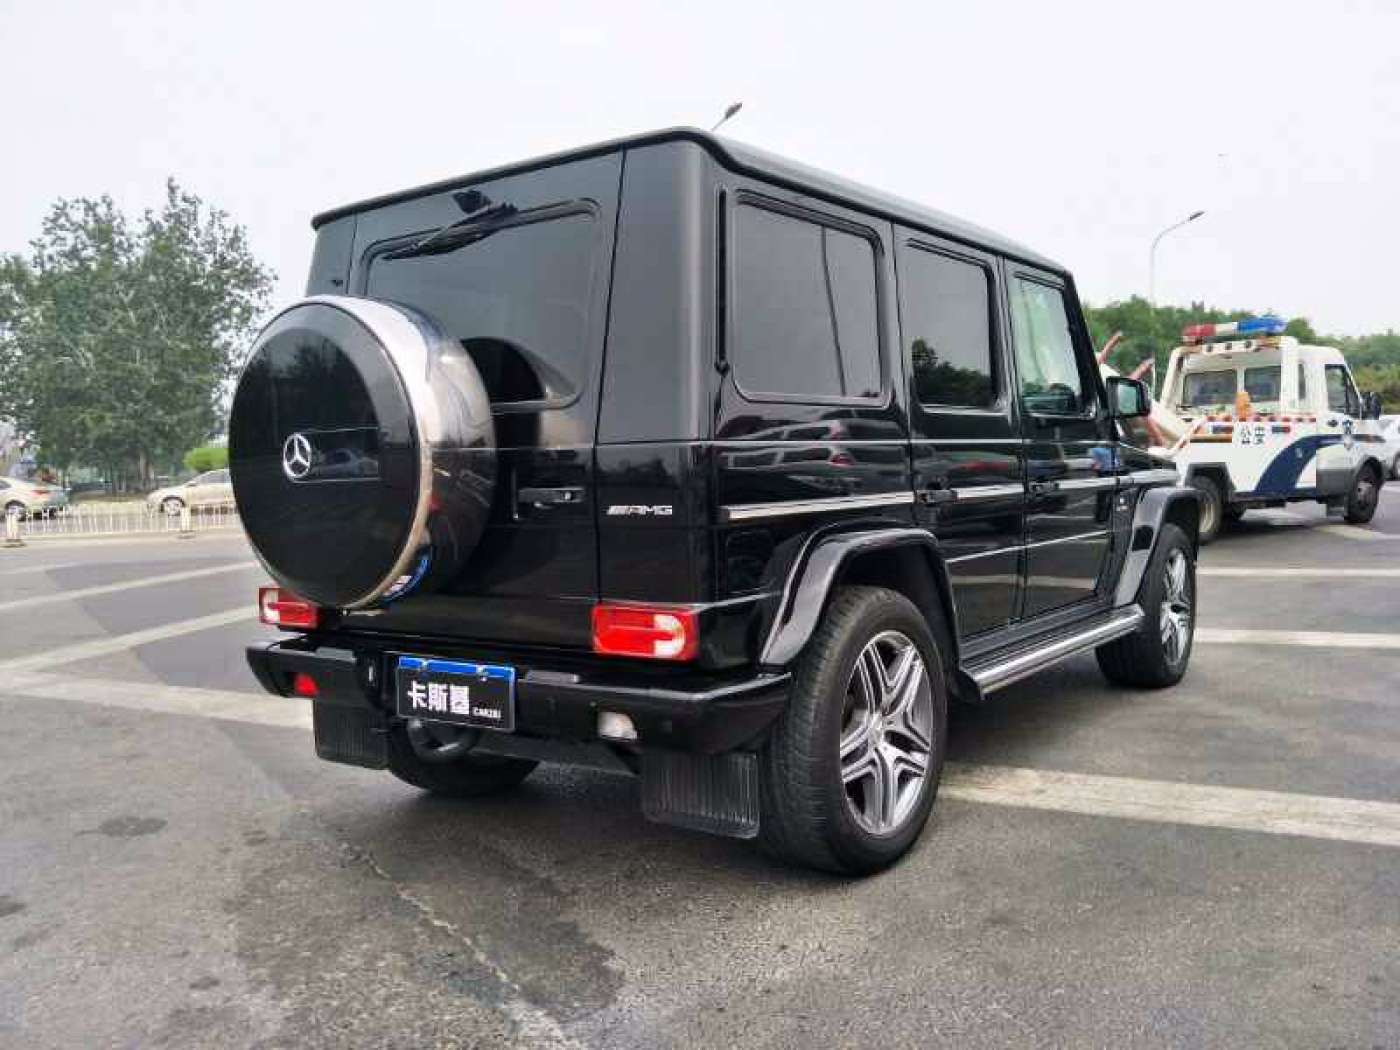 2014年05月 奔驰G级AMG 2013款 G 63 AMG |甄选奔驰-北京卡斯基汽车服务有限公司